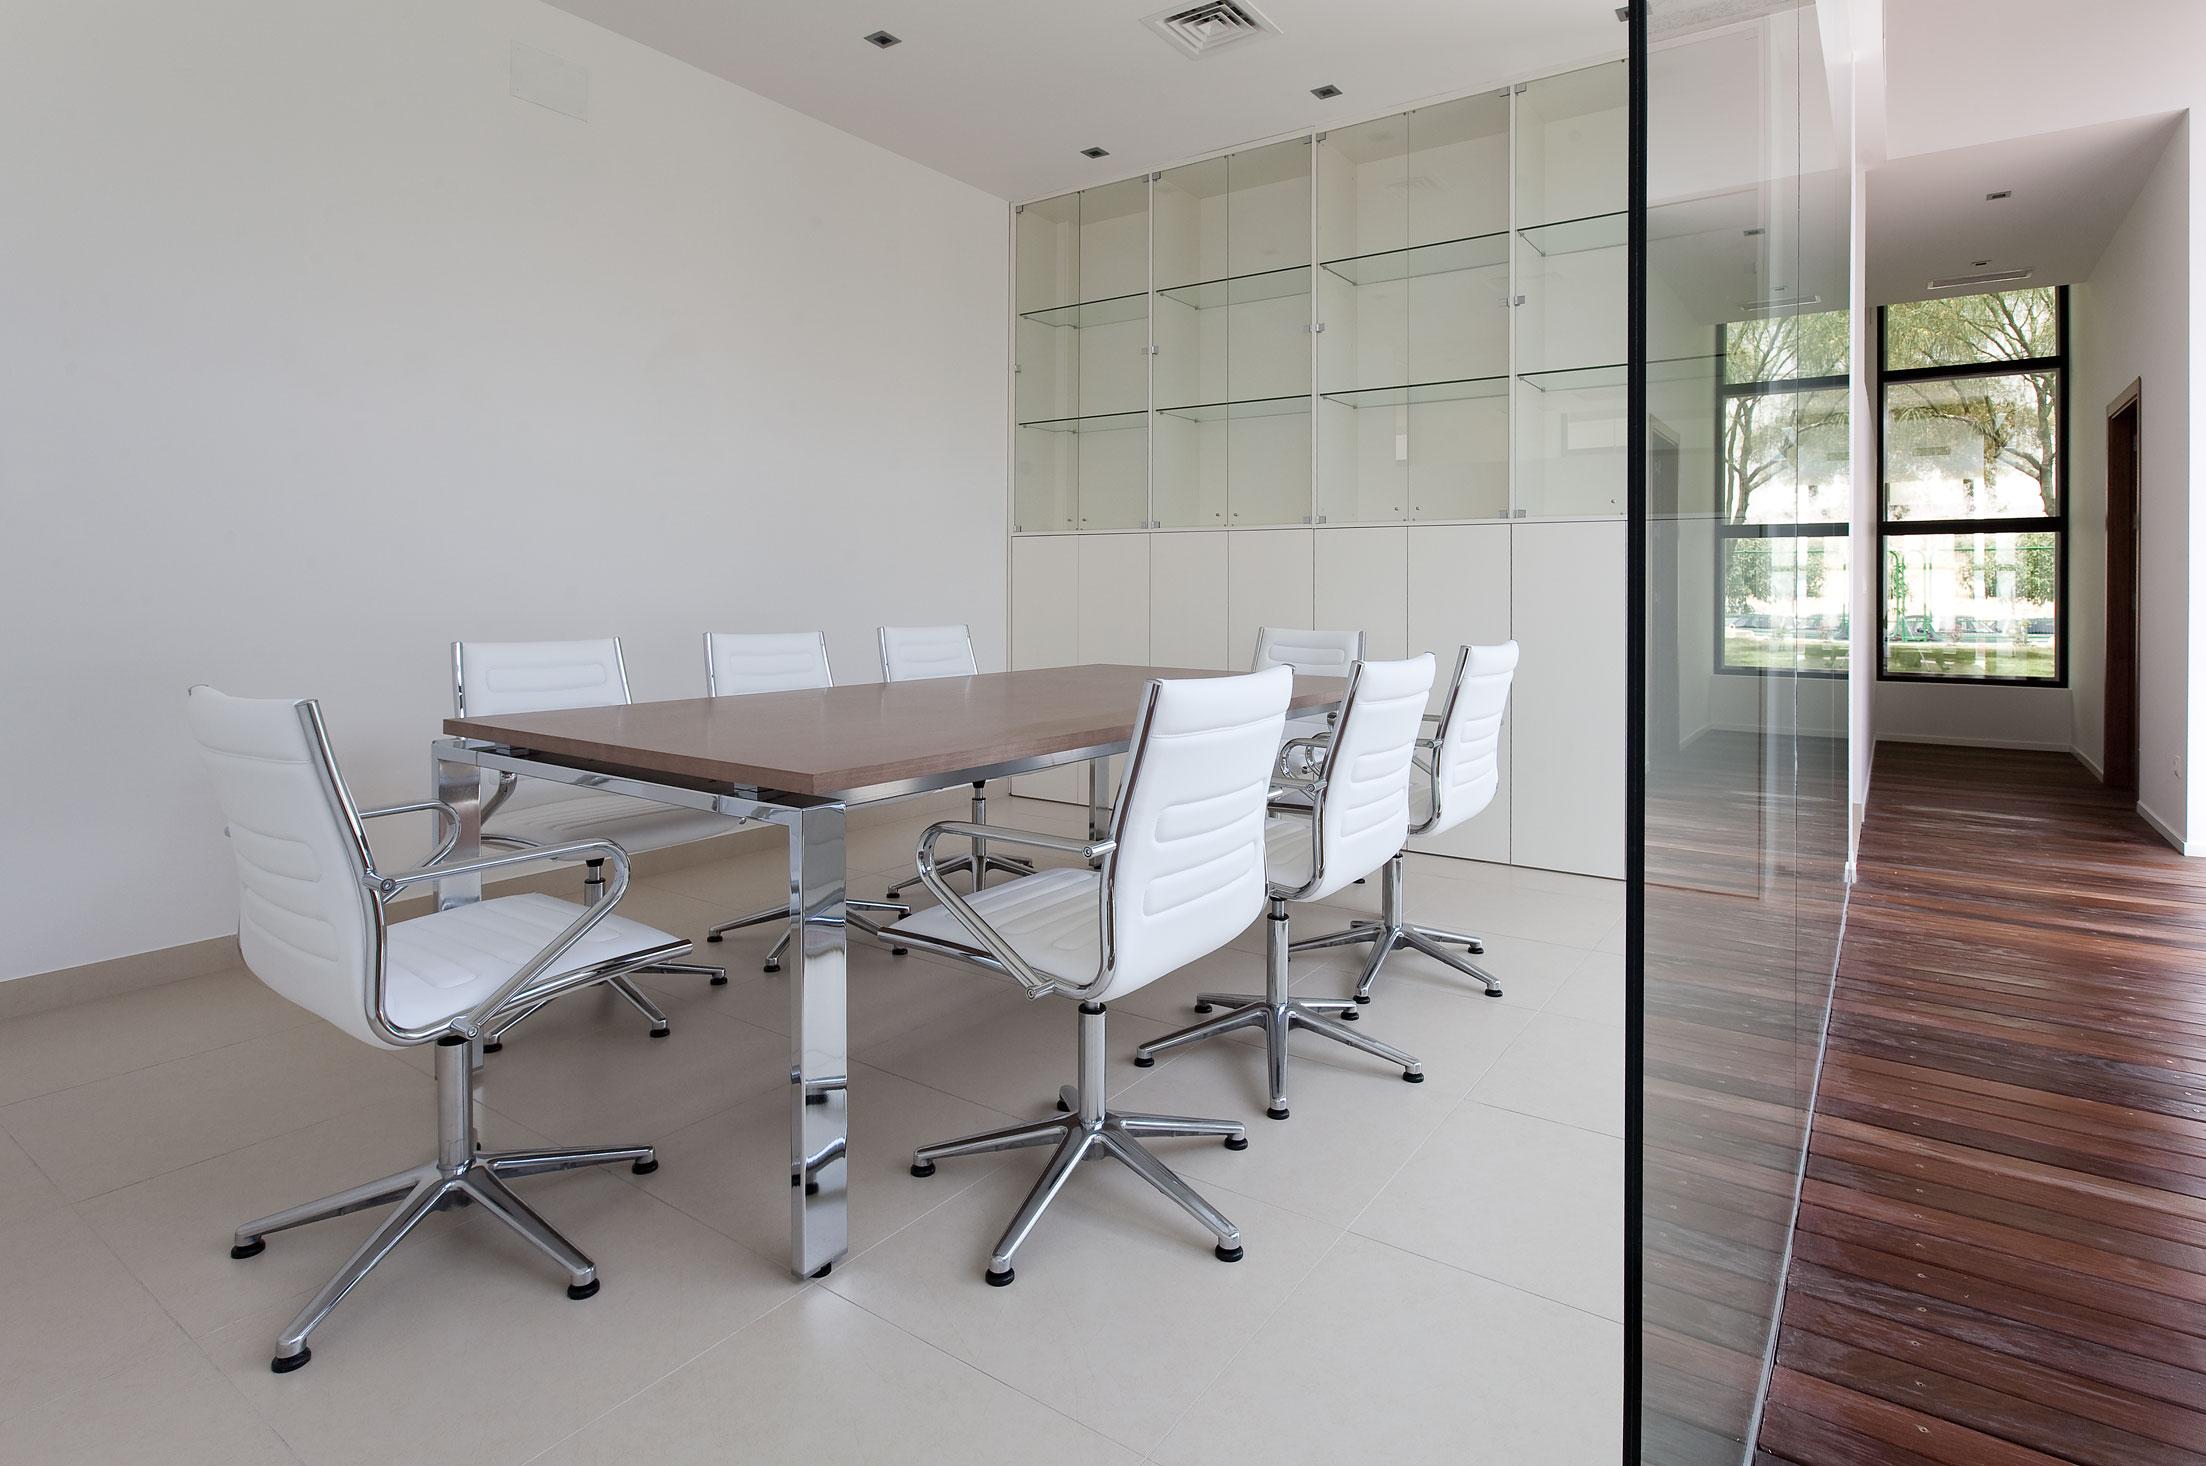 Mesas reuniones de oficina franc el equilibrio y su for Mesa de reuniones